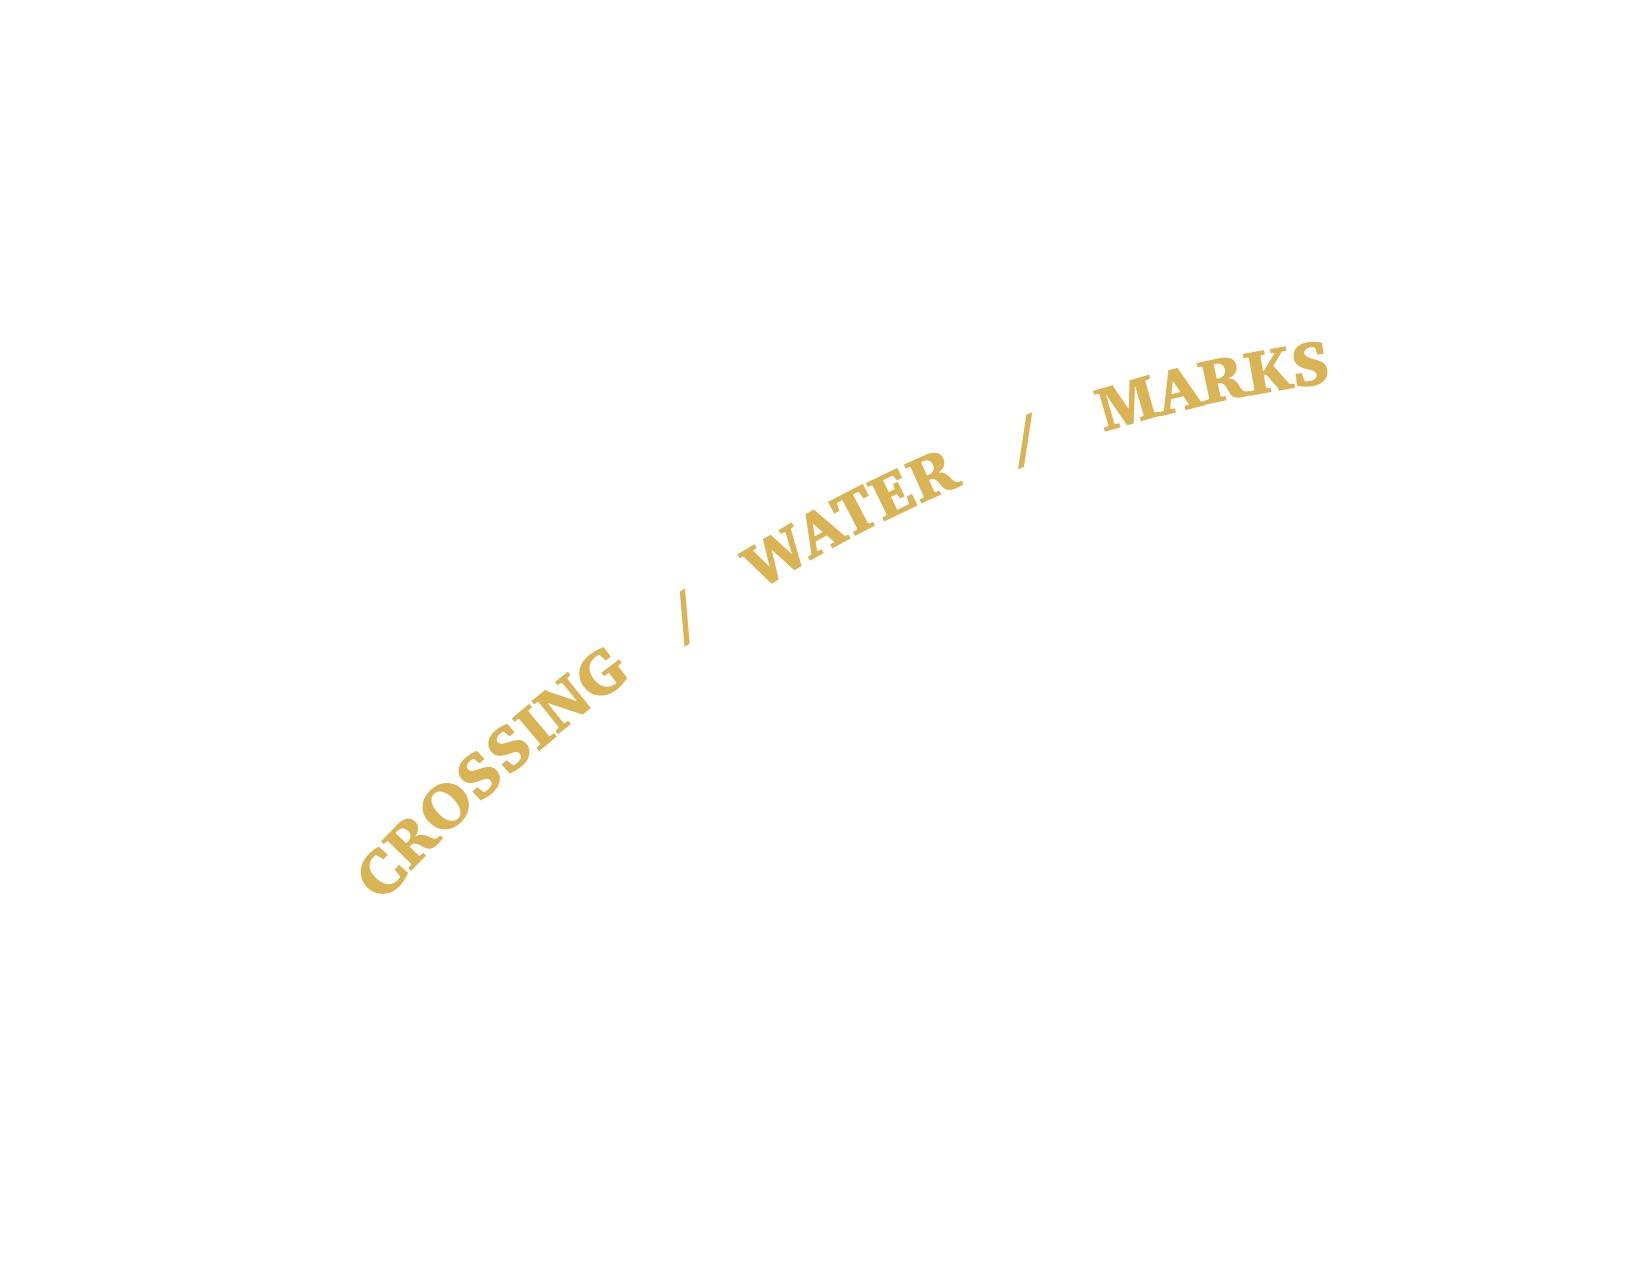 crossing waters copy.jpg